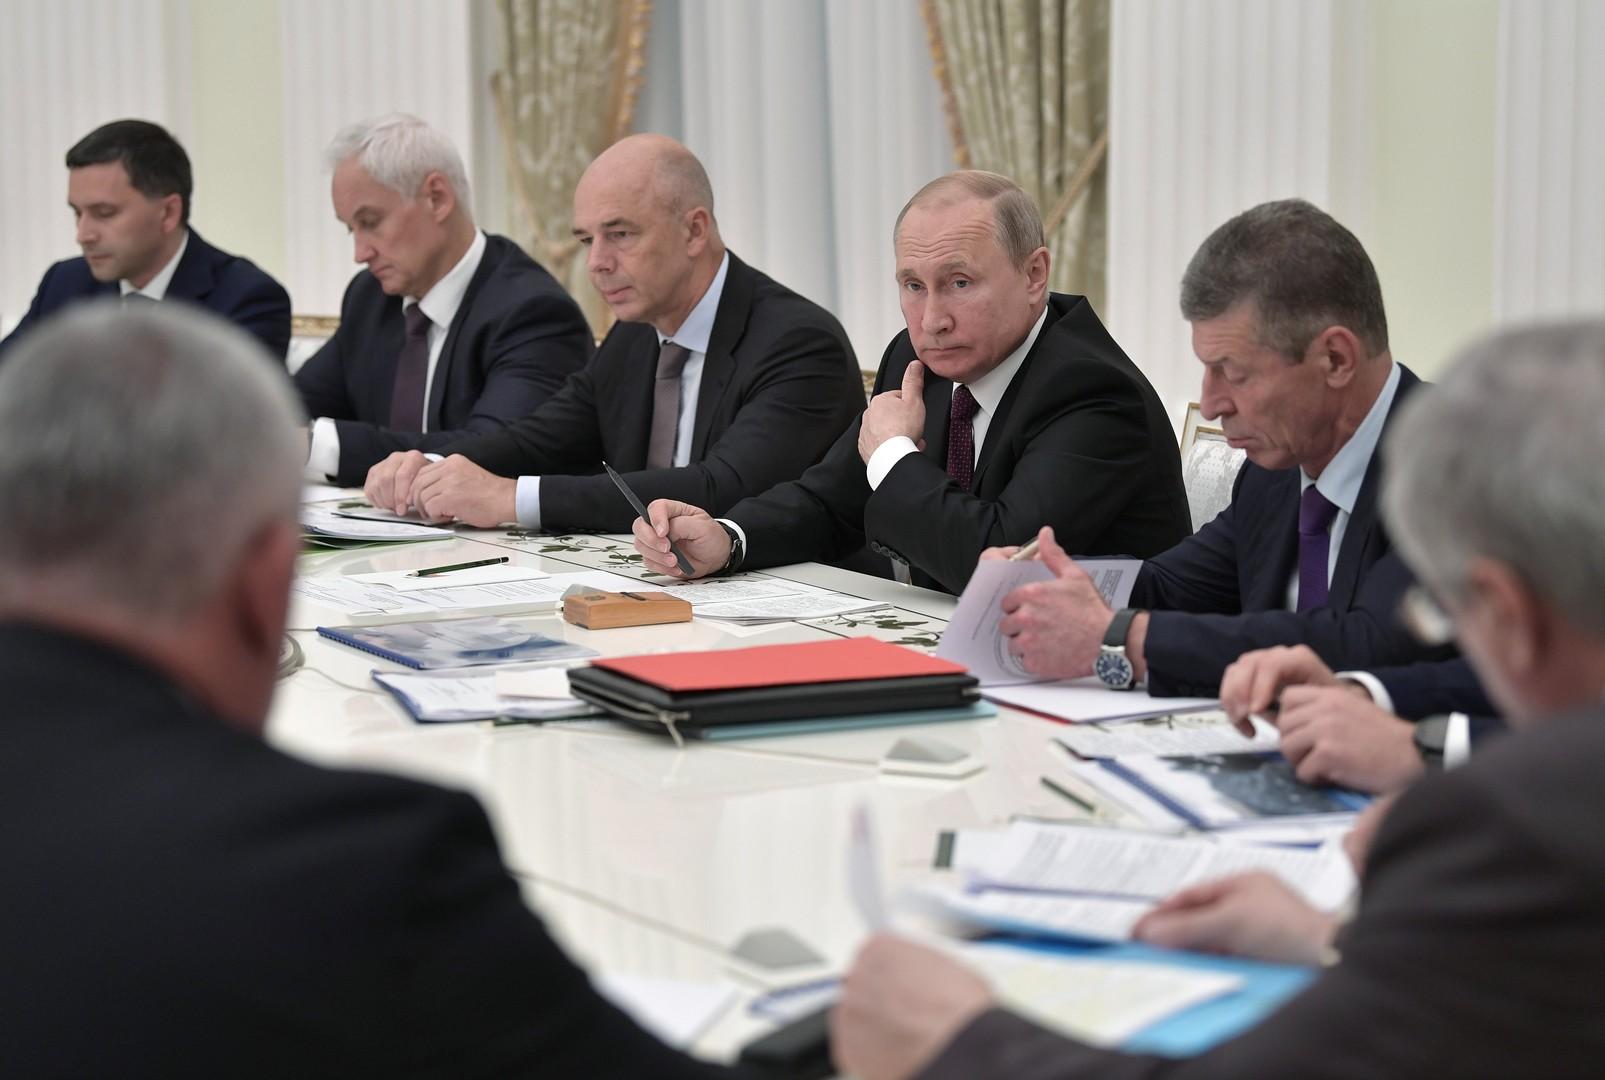 بوتين يحذر من اعتماد صناعة الفحم الروسية على التصدير